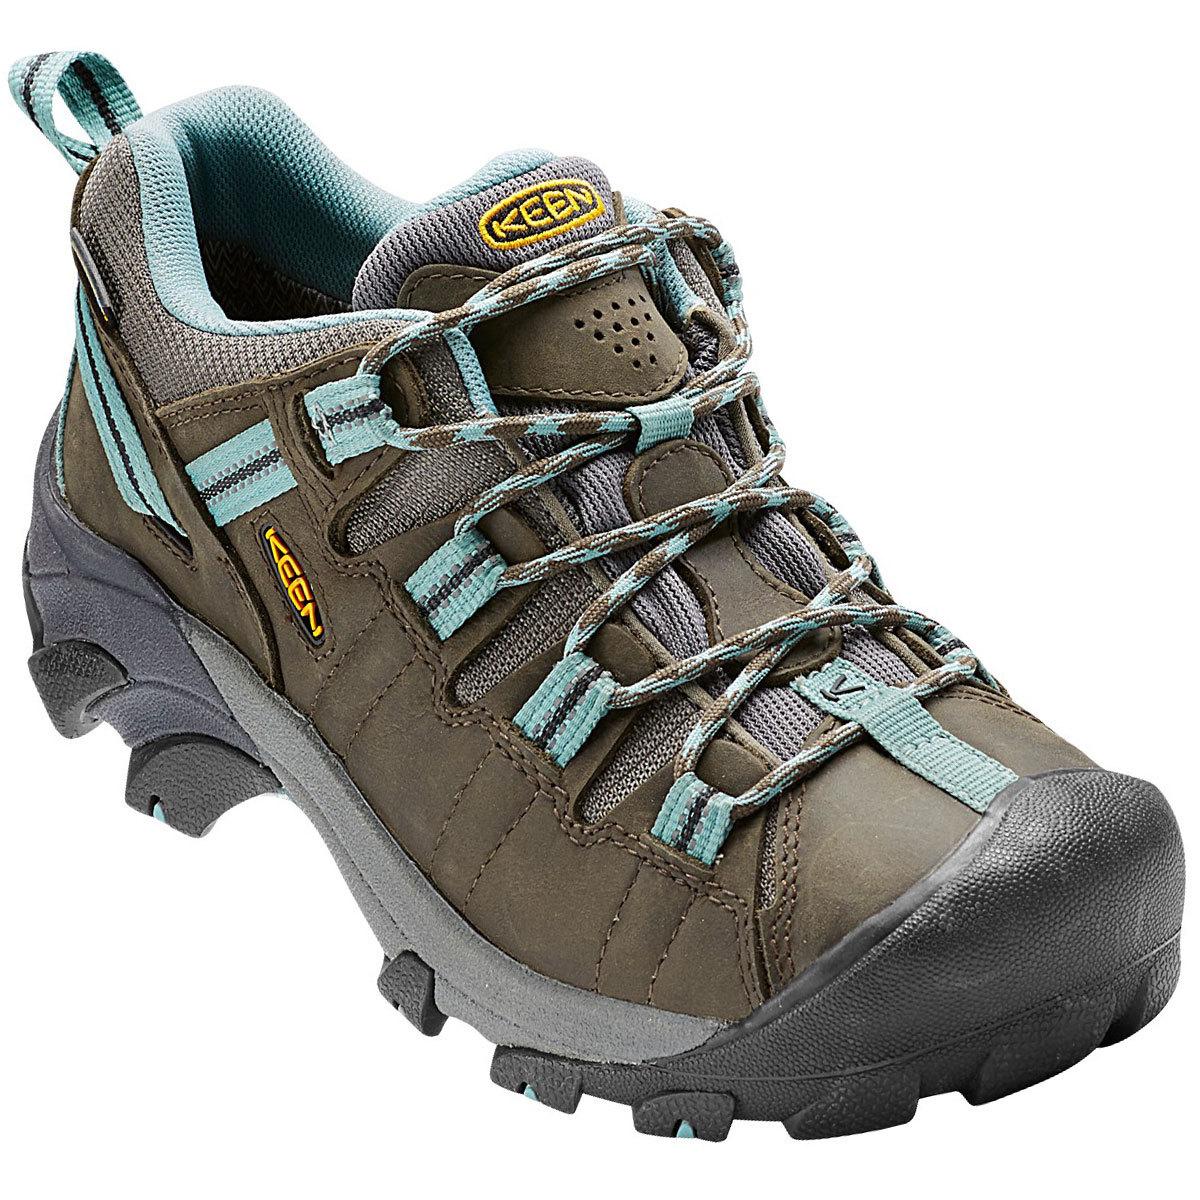 Targhee II Waterproof Hiking Shoes